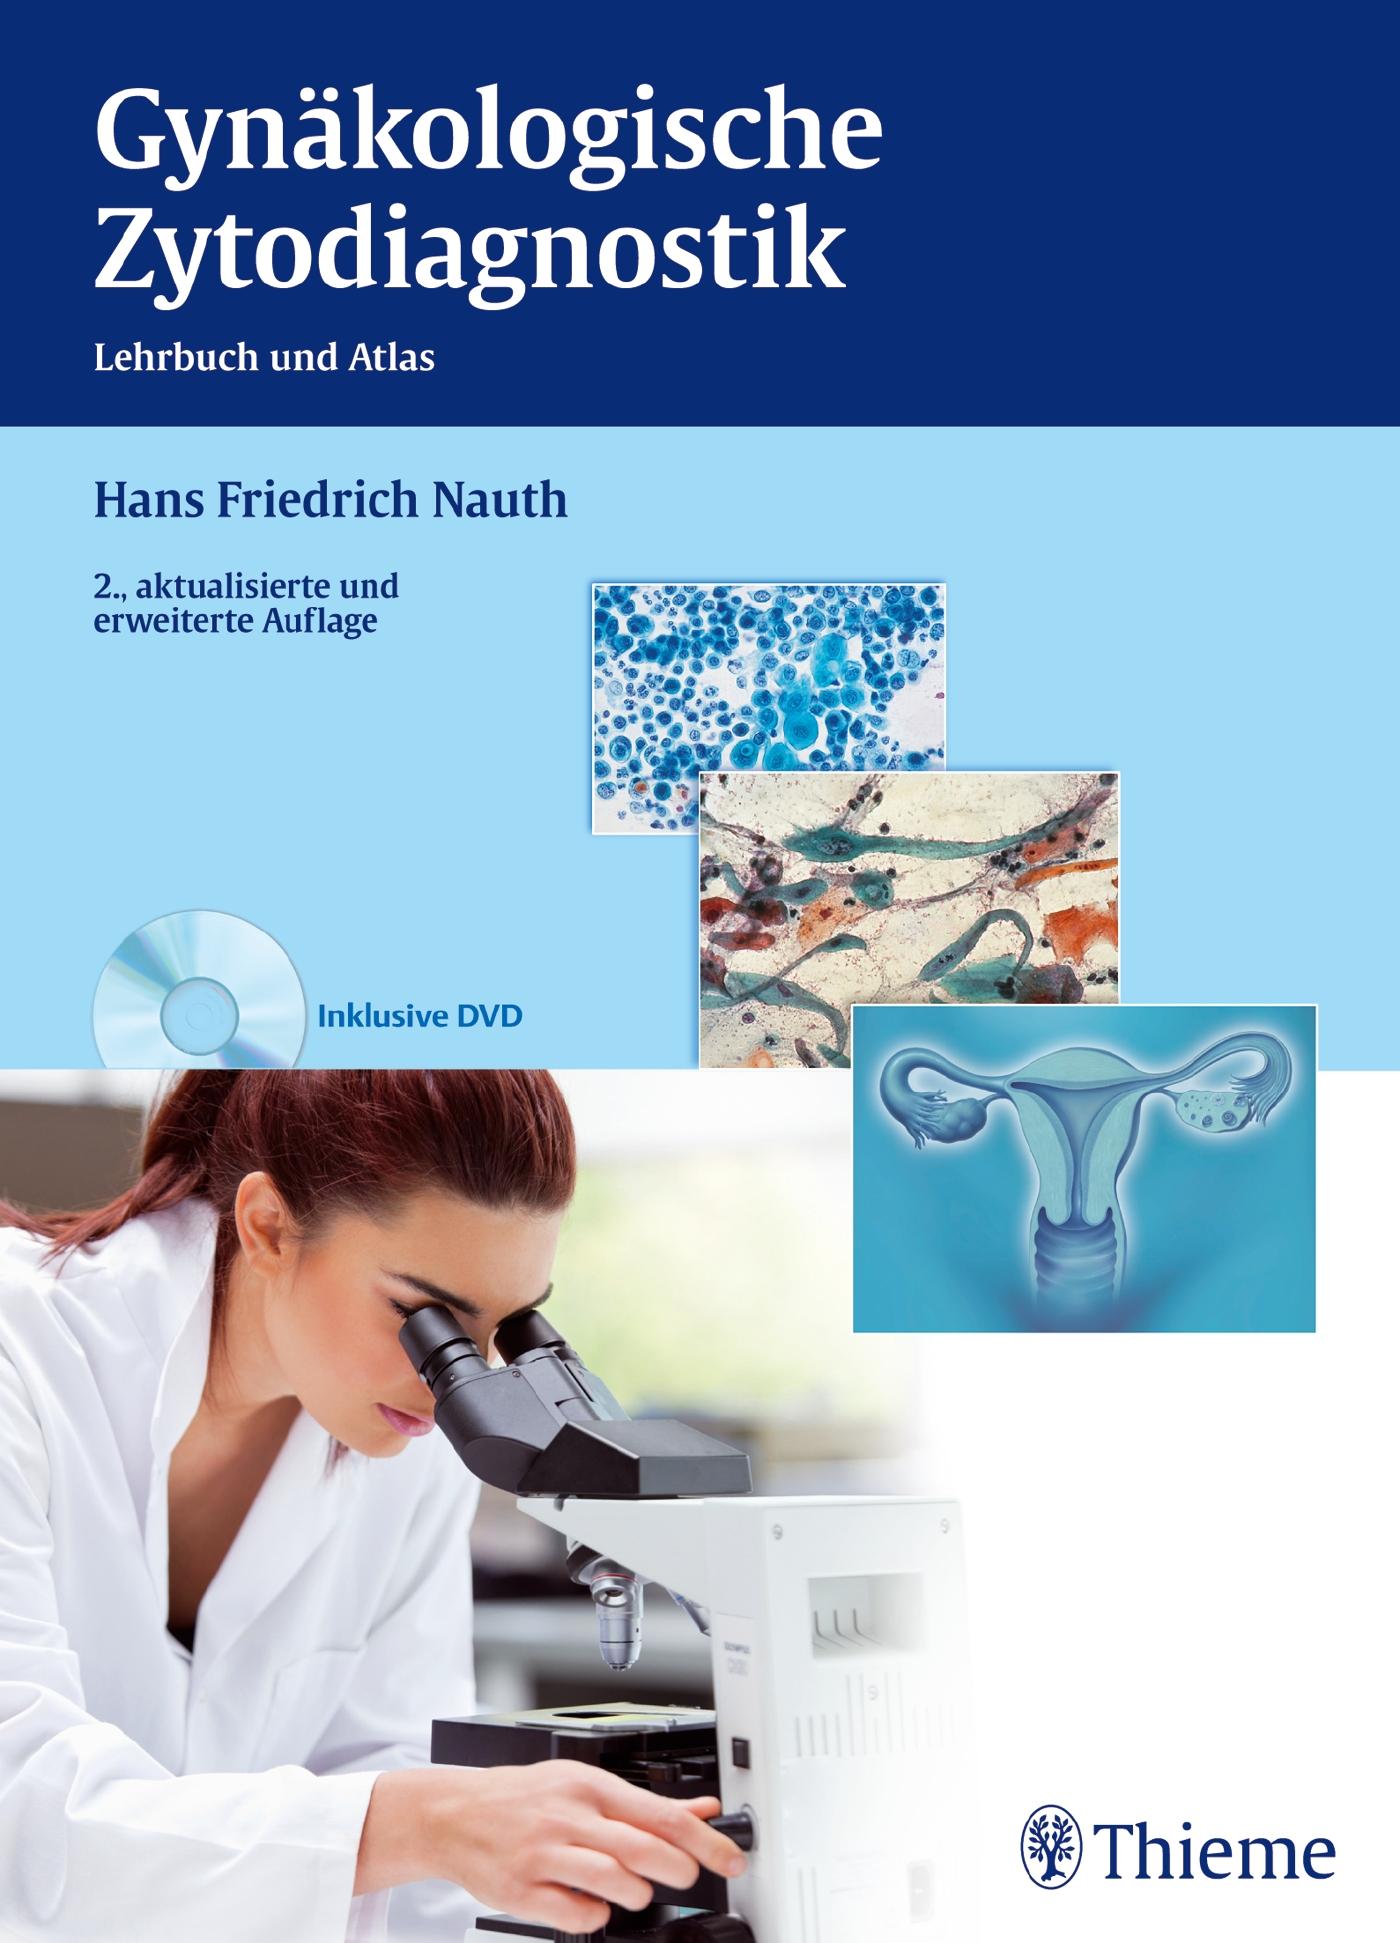 Gynäkologische Zytodiagnostik